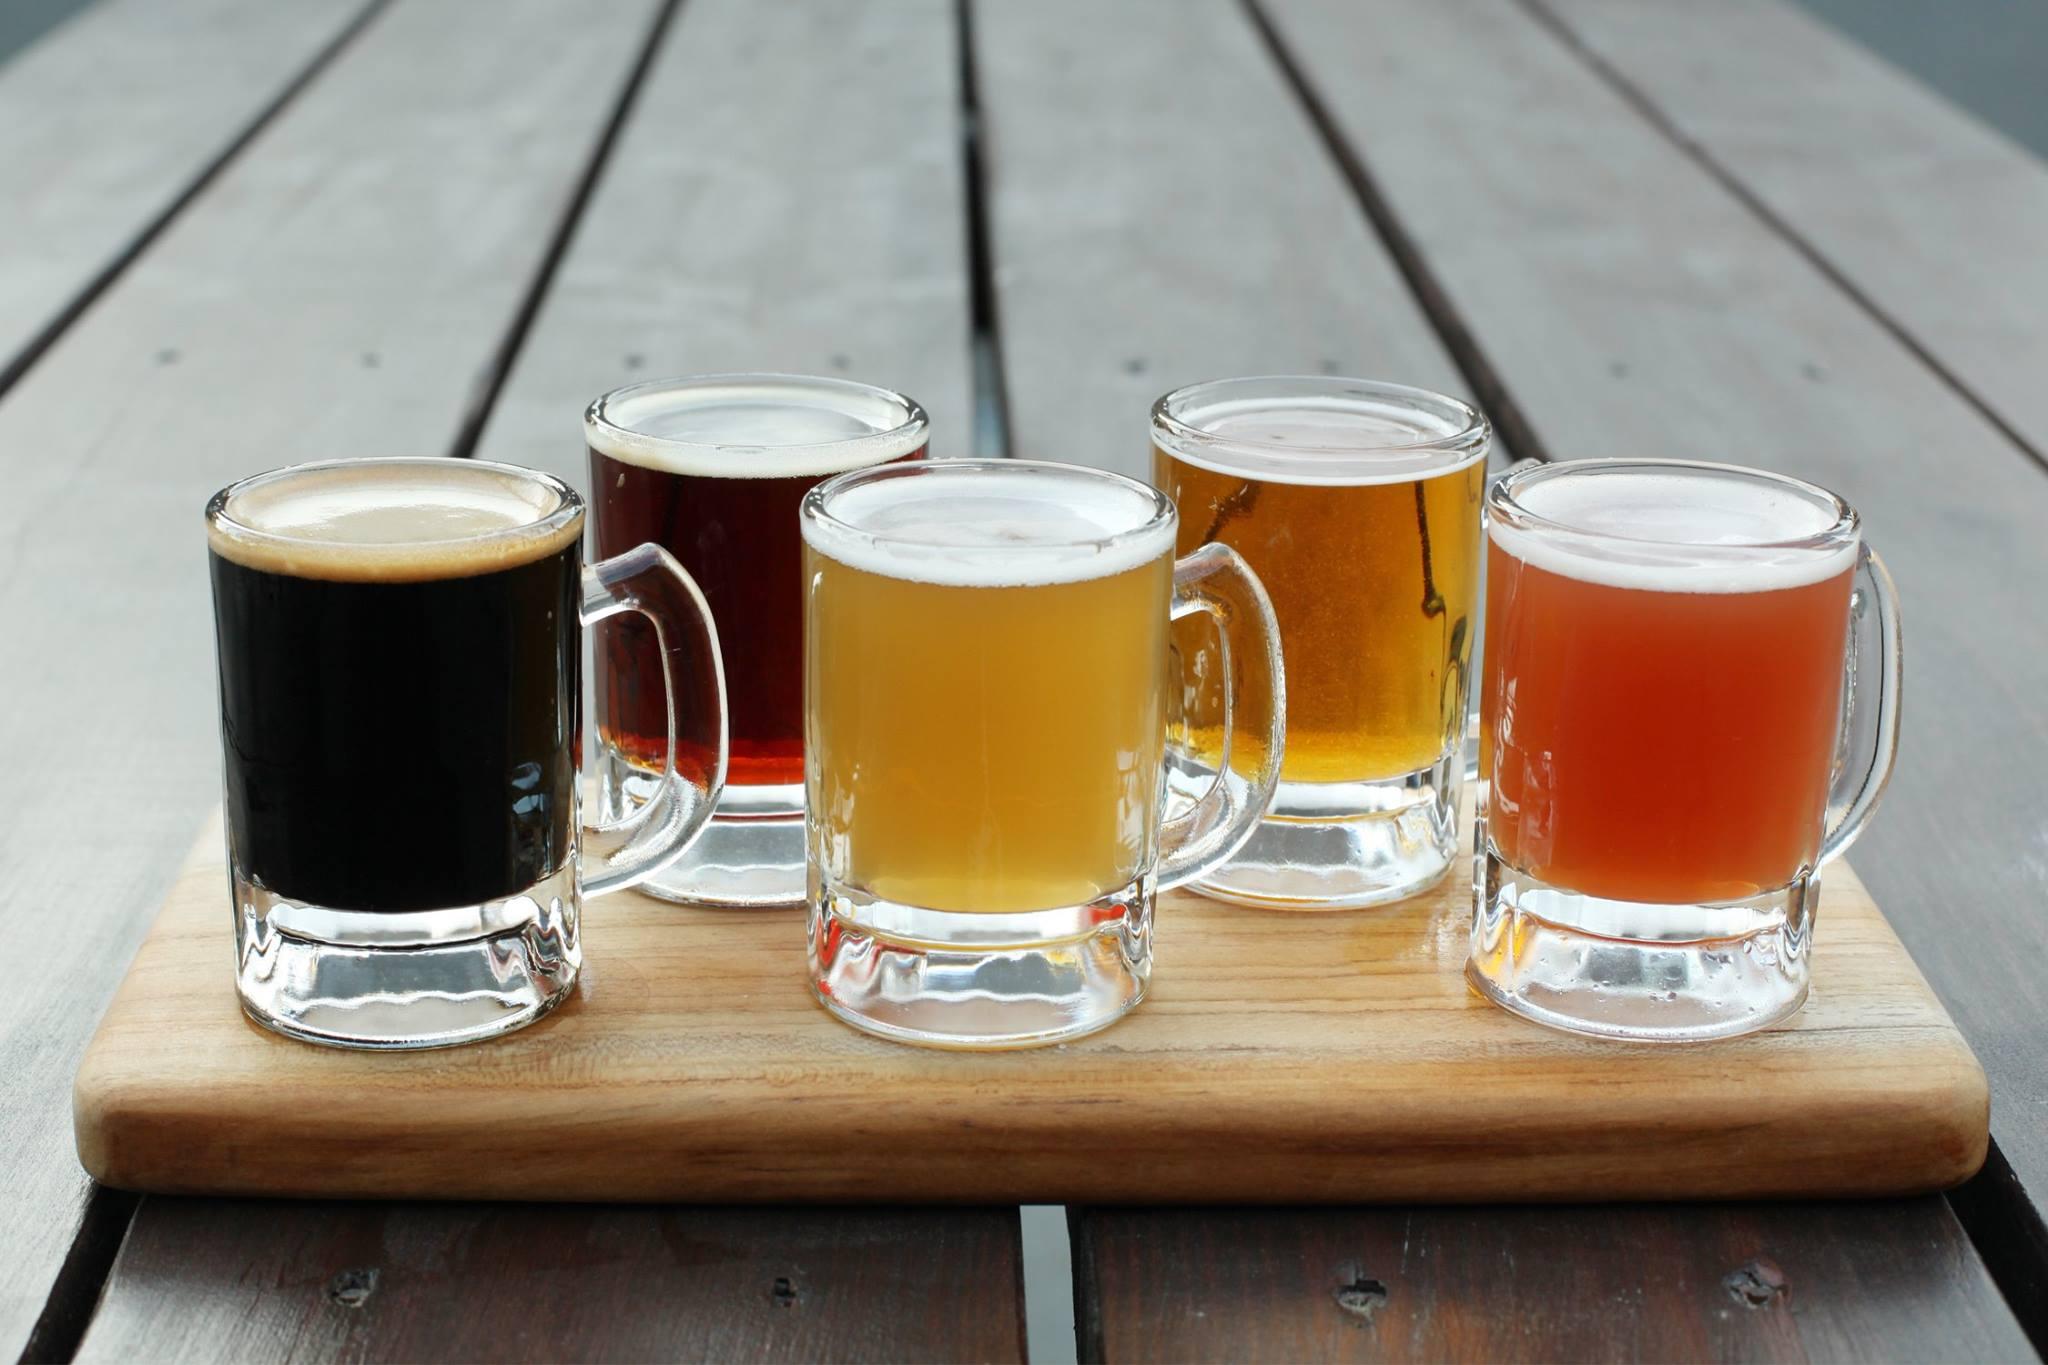 Beer in Seaside Heights, N.J. (File Photo)